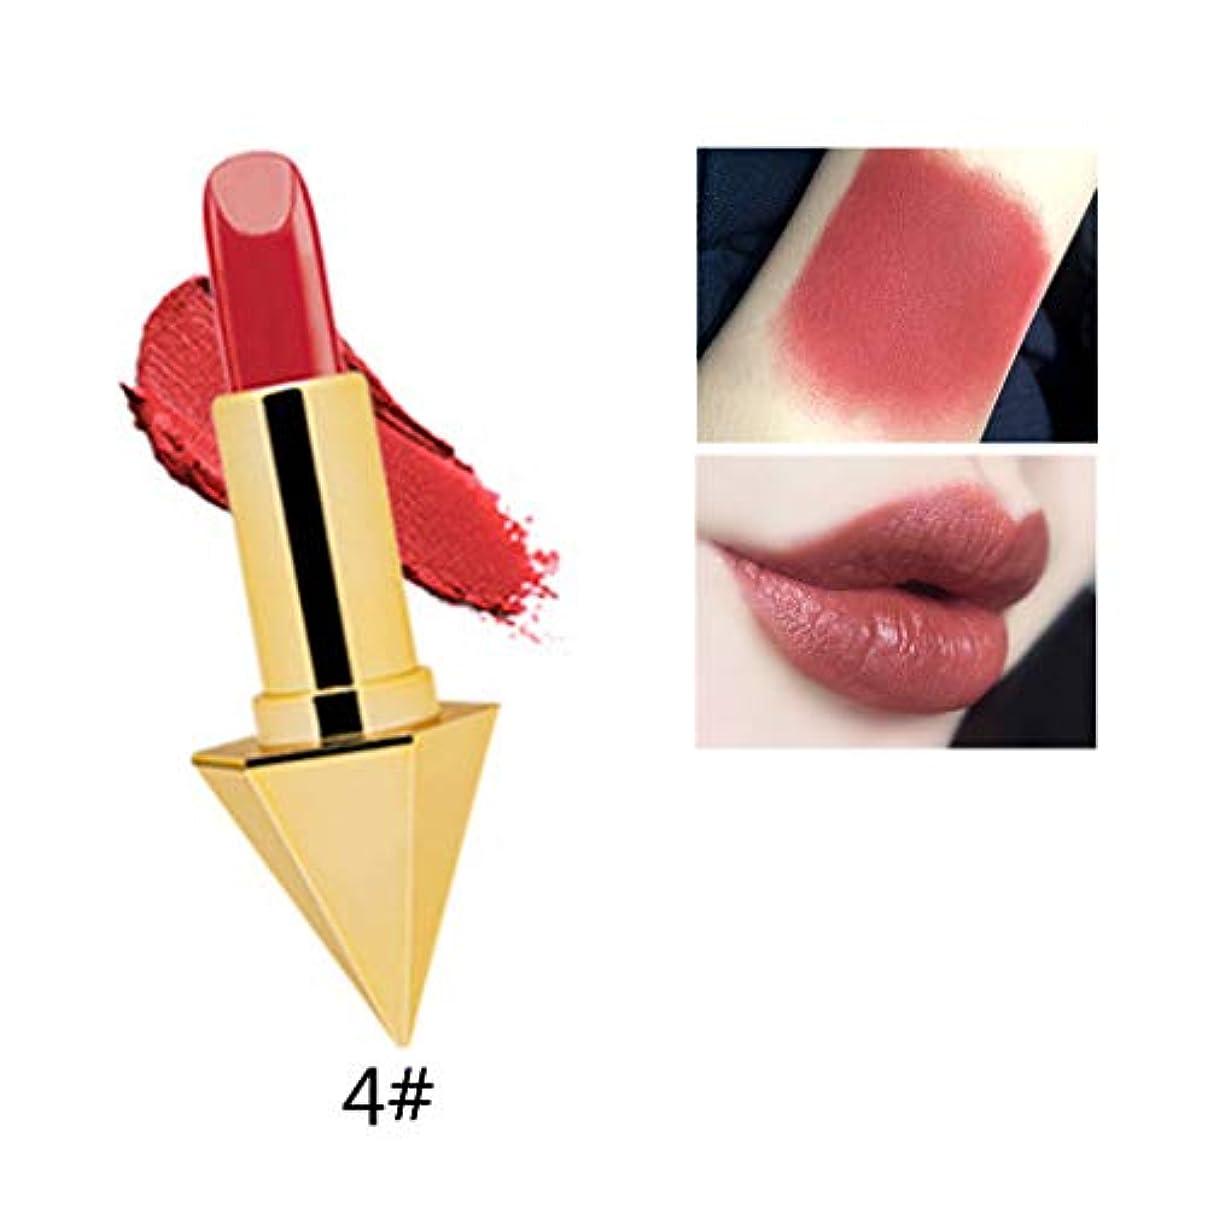 歯科の不適当給料Kimyuo 女性 マットリップスティック 防水 長持ちする リップグロス 化粧品 美容メイク